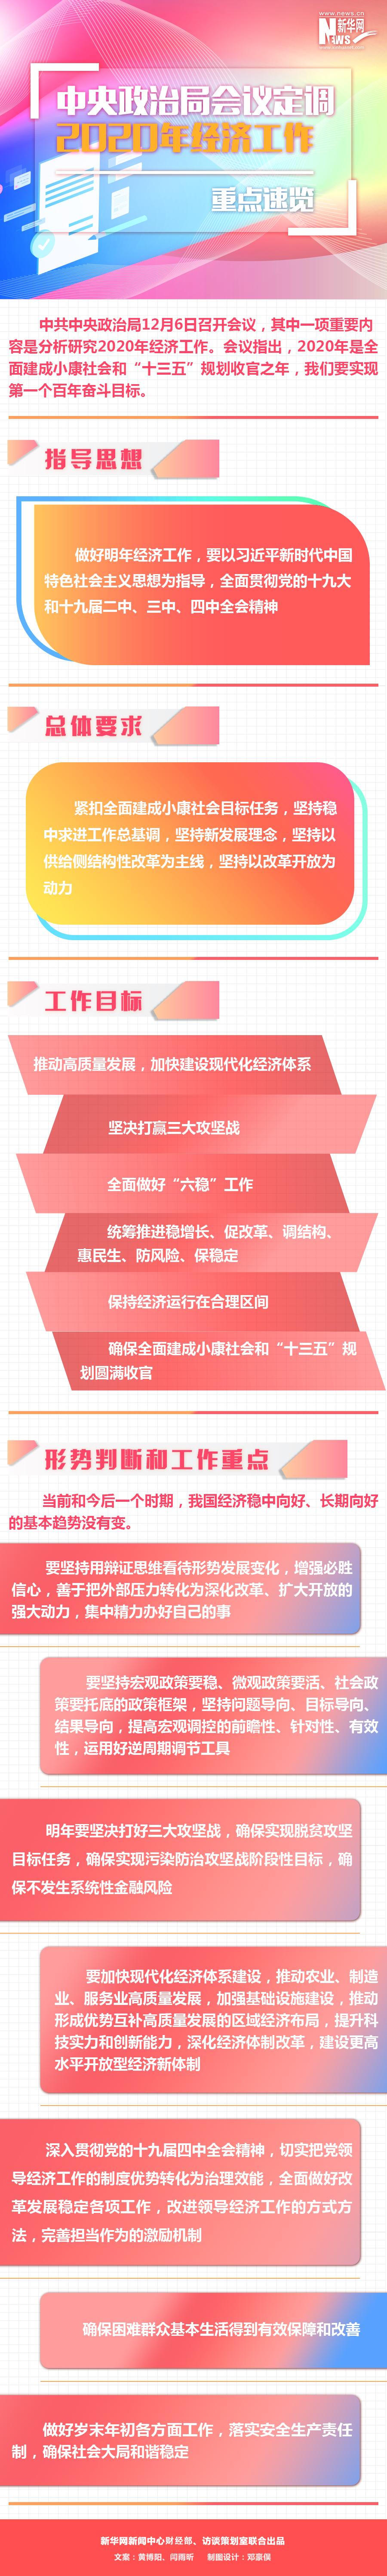 中央政治局会议定调2020经济工作速览